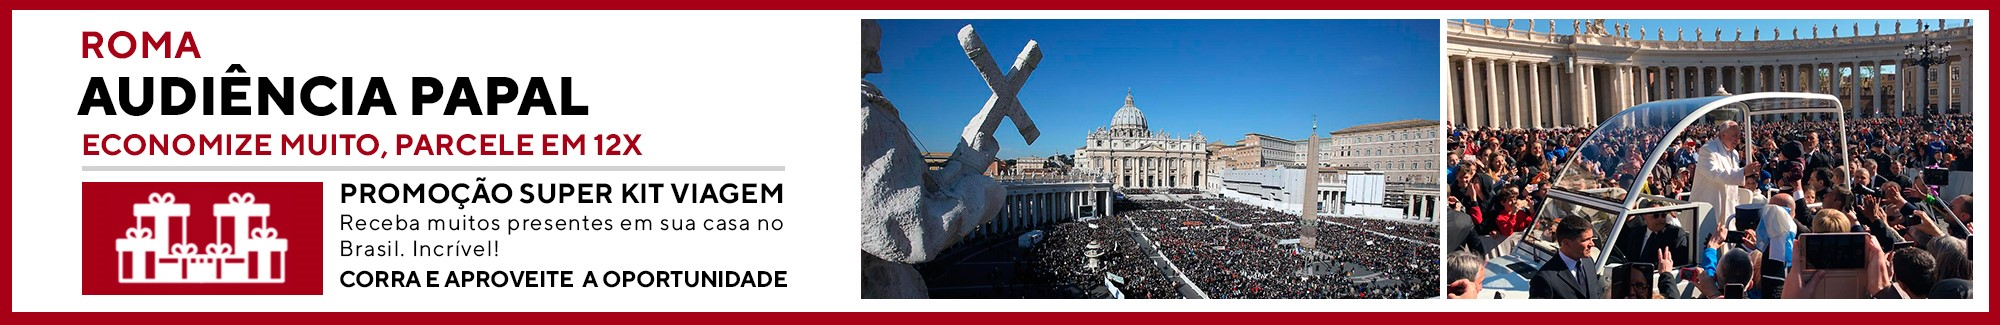 Audiência Papal Roma